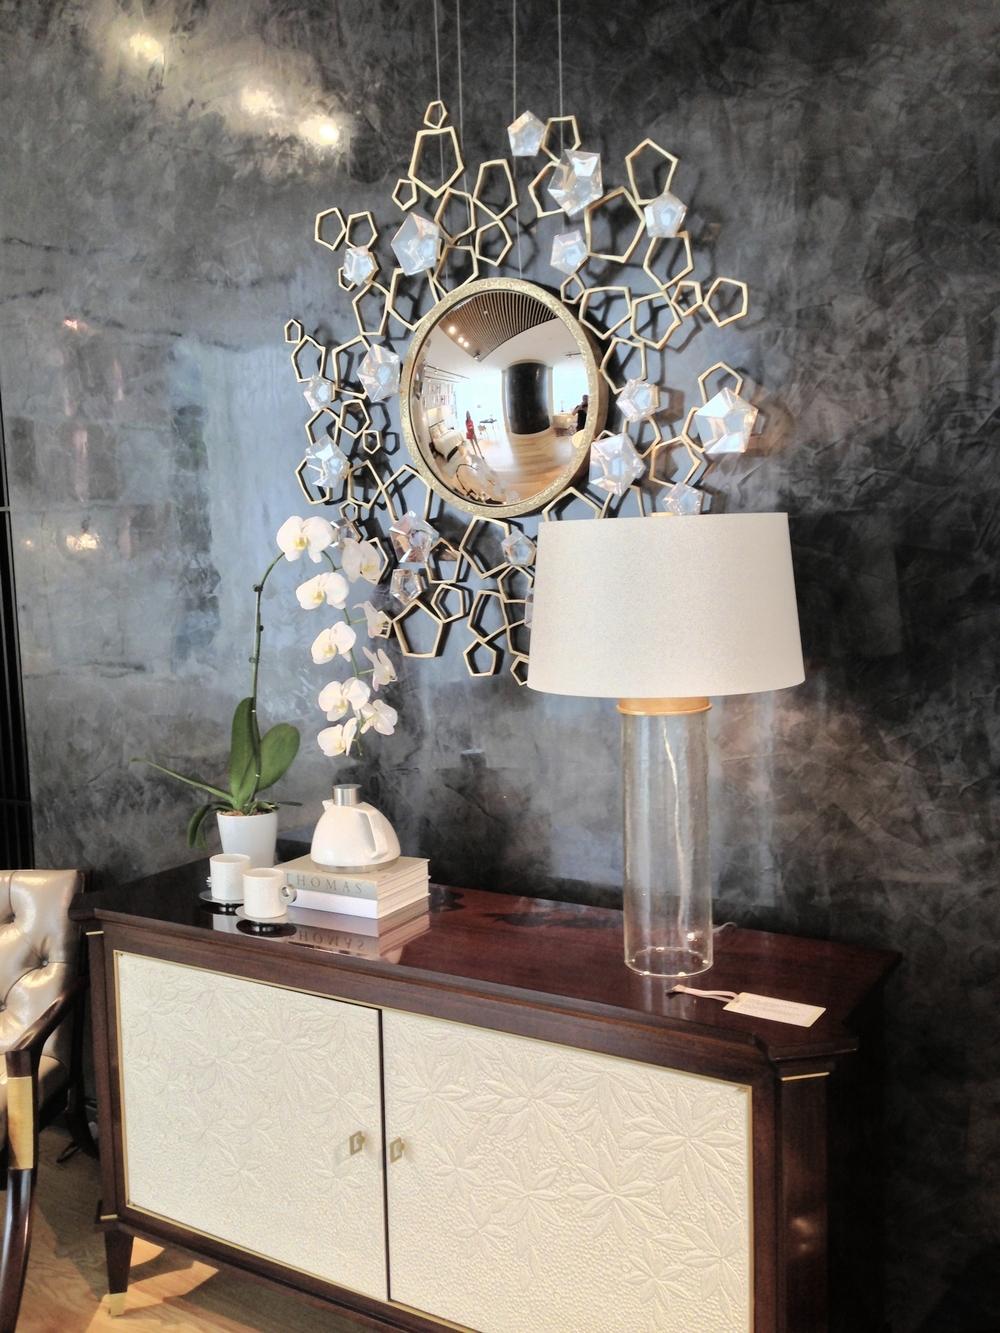 Raffaello decor stucco italian design center pte ltd for Decor in italian